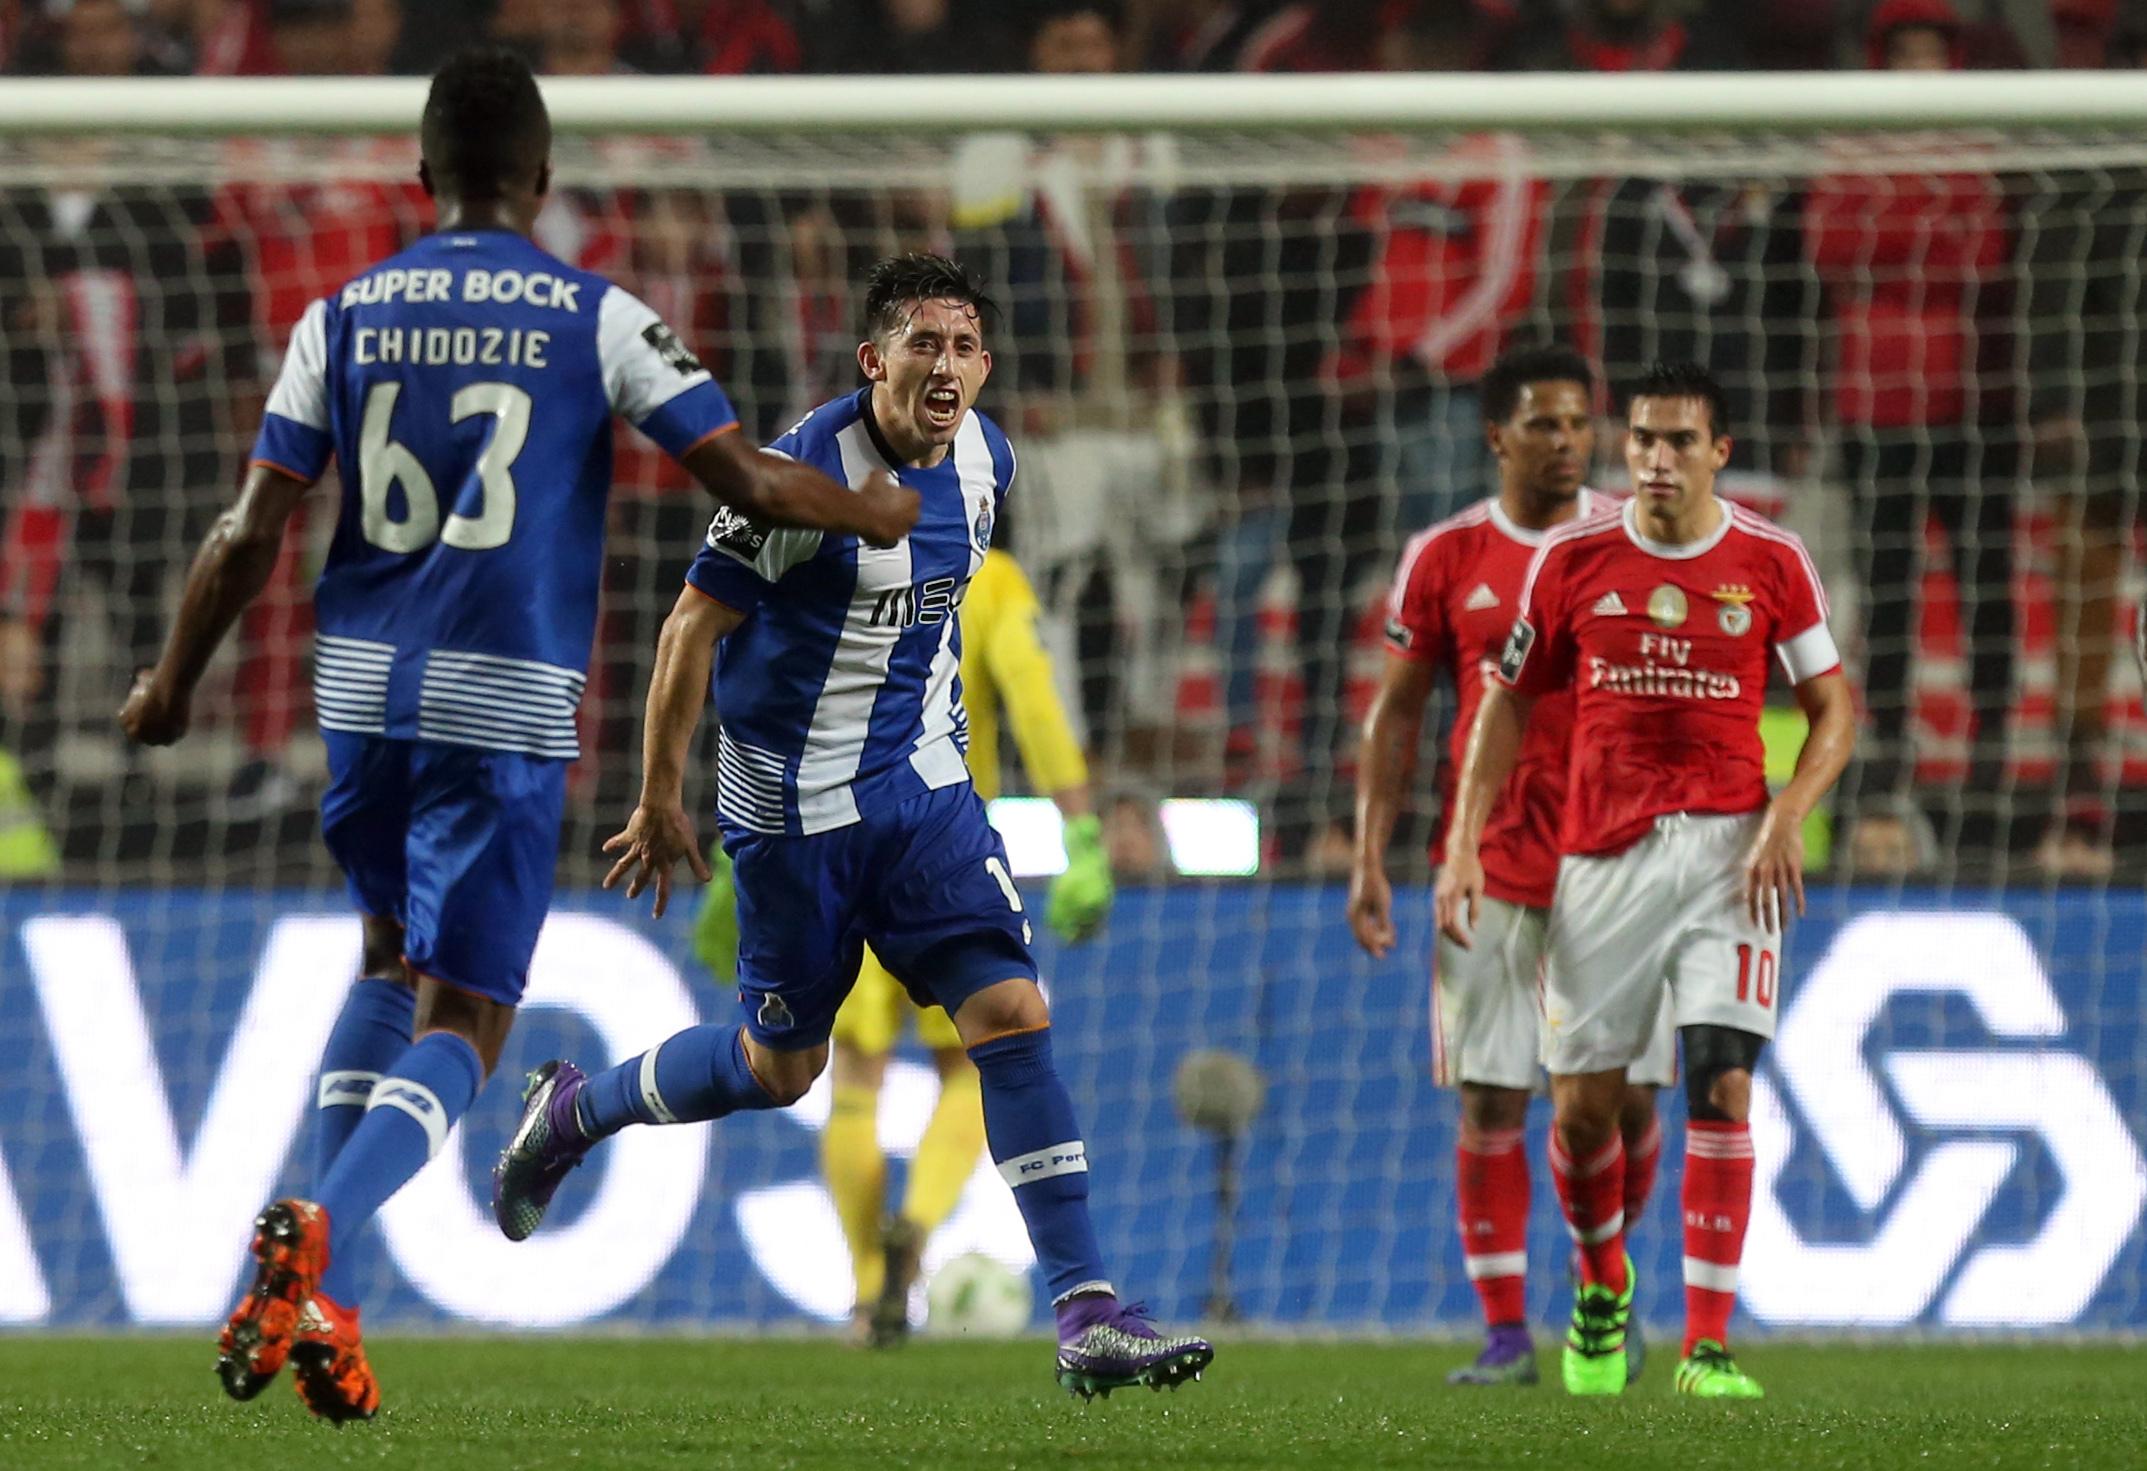 portugal_soccer-86d6713af9c241809821d840_r4897.jpeg